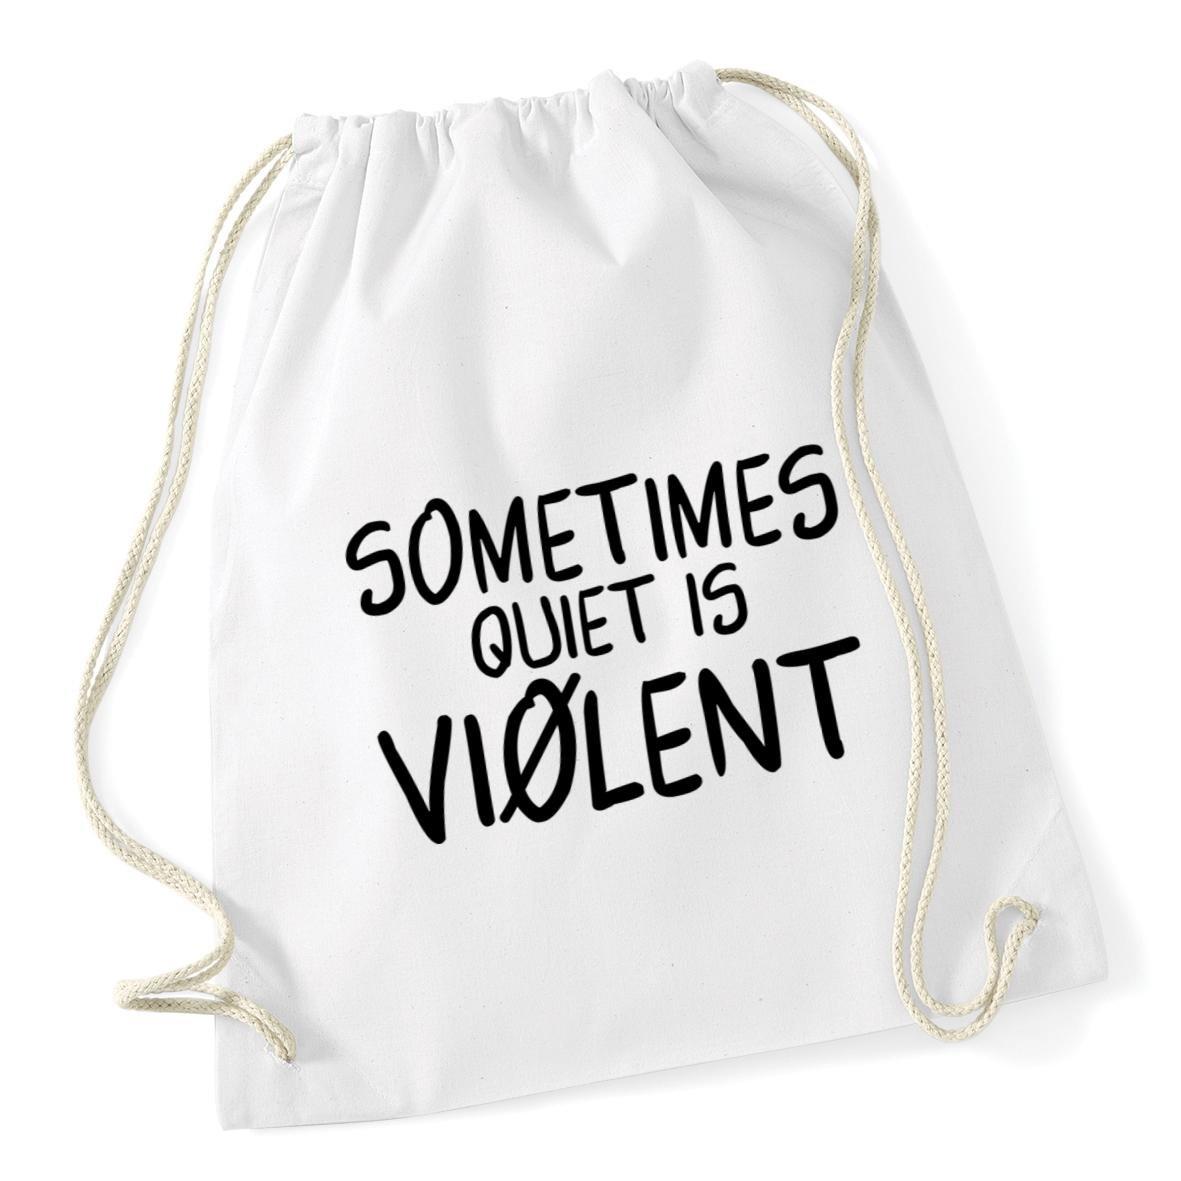 HippoWarehouse Sometimes quiet is violent Drawstring Cotton School Gym Kid Bag Sack 37cm x 46cm, 12 litres